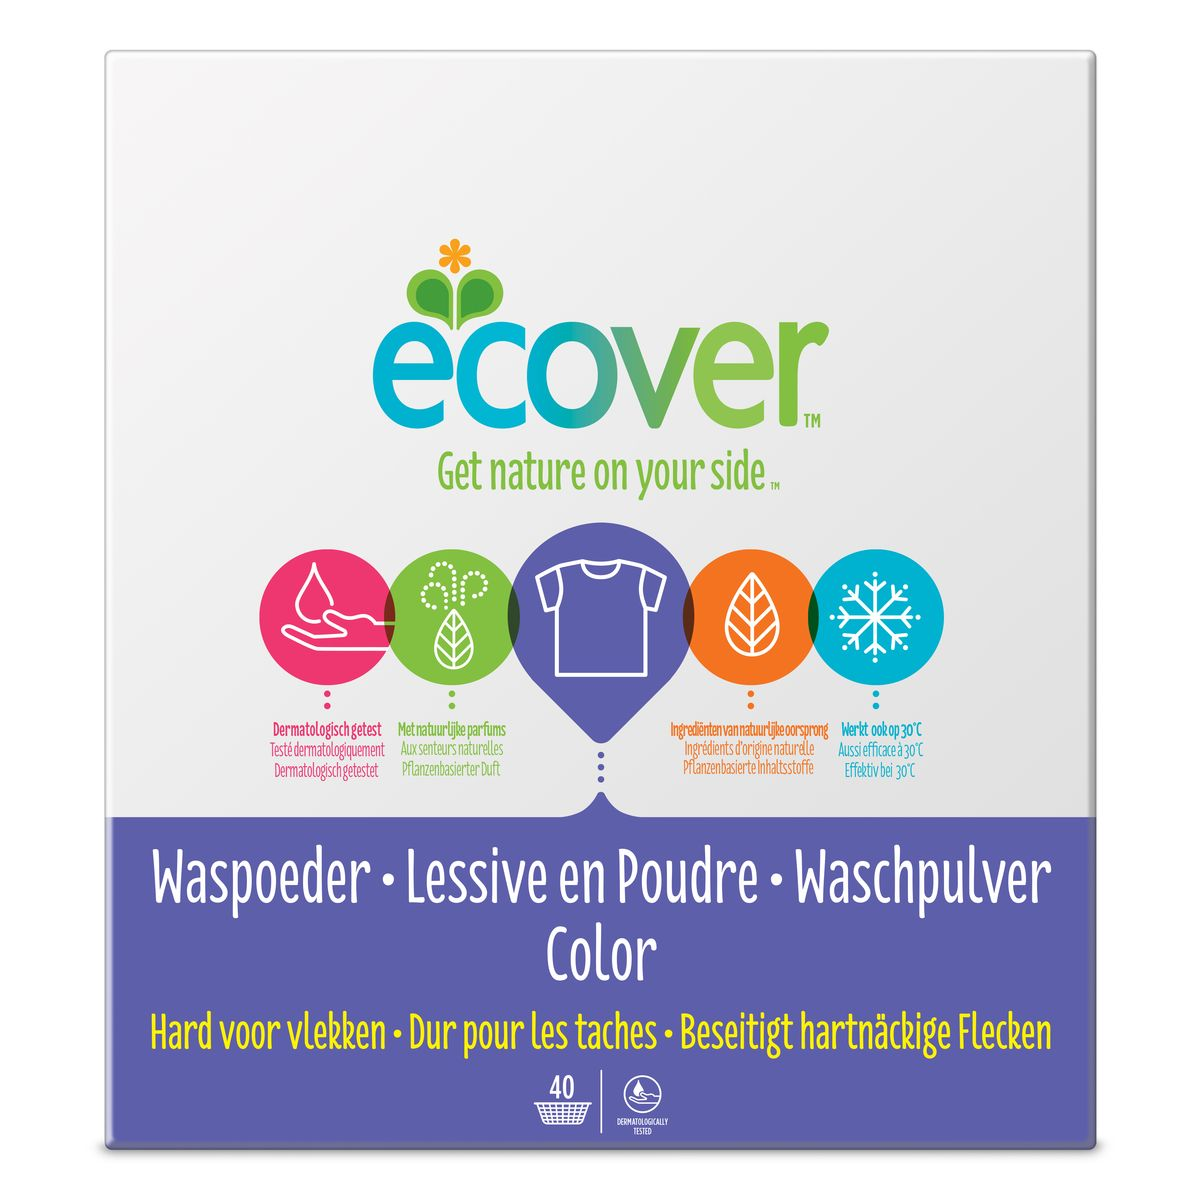 Экологический стиральный порошок Ecover, концентрат, для цветного белья, 3 кг40023Очень эффективный стиральный порошок-концентрат Ecover предназначен для стирки цветного белья. Подходит к использованию для детей от 2-х лет и взрослых. Порошок создан на основе растительных ПАВ. Улучшенная формула содержит небольшое количество бережного кислородного отбеливателя для удаления таких загрязнений как пятна от вина, фруктов, травы и т.д. Прекрасно выполаскивается. Новая формула средства позволяет использовать меньше порошка и обеспечивает на 25% больше стирок! При машинной стирке не требуется добавление средств для смягчения воды и предотвращения образования накипи (типа Calgon). Обладает легким натуральным ароматом. Не содержит фосфатов и синтетических ароматизаторов. Содержит энзимы (не ГМО) и натуральный кислородный отбеливатель.Подходит для использования в домах с автономной канализацией. Не наносит вреда любым видам септиков! Характеристики:Состав: 15-30% анионные био-ПАВ цеолиты, 5-15% неионные ПАВ, силикат натрия, карбонат натрия, бикарбонат натрия, полипептидное мыло, карбоксиметил целлюлозы, отдушка, сульфат натрия, цитрат натрия, энзимы, этилендиамин диссуцинат. Объем: 3 кг. Товар сертифицирован.